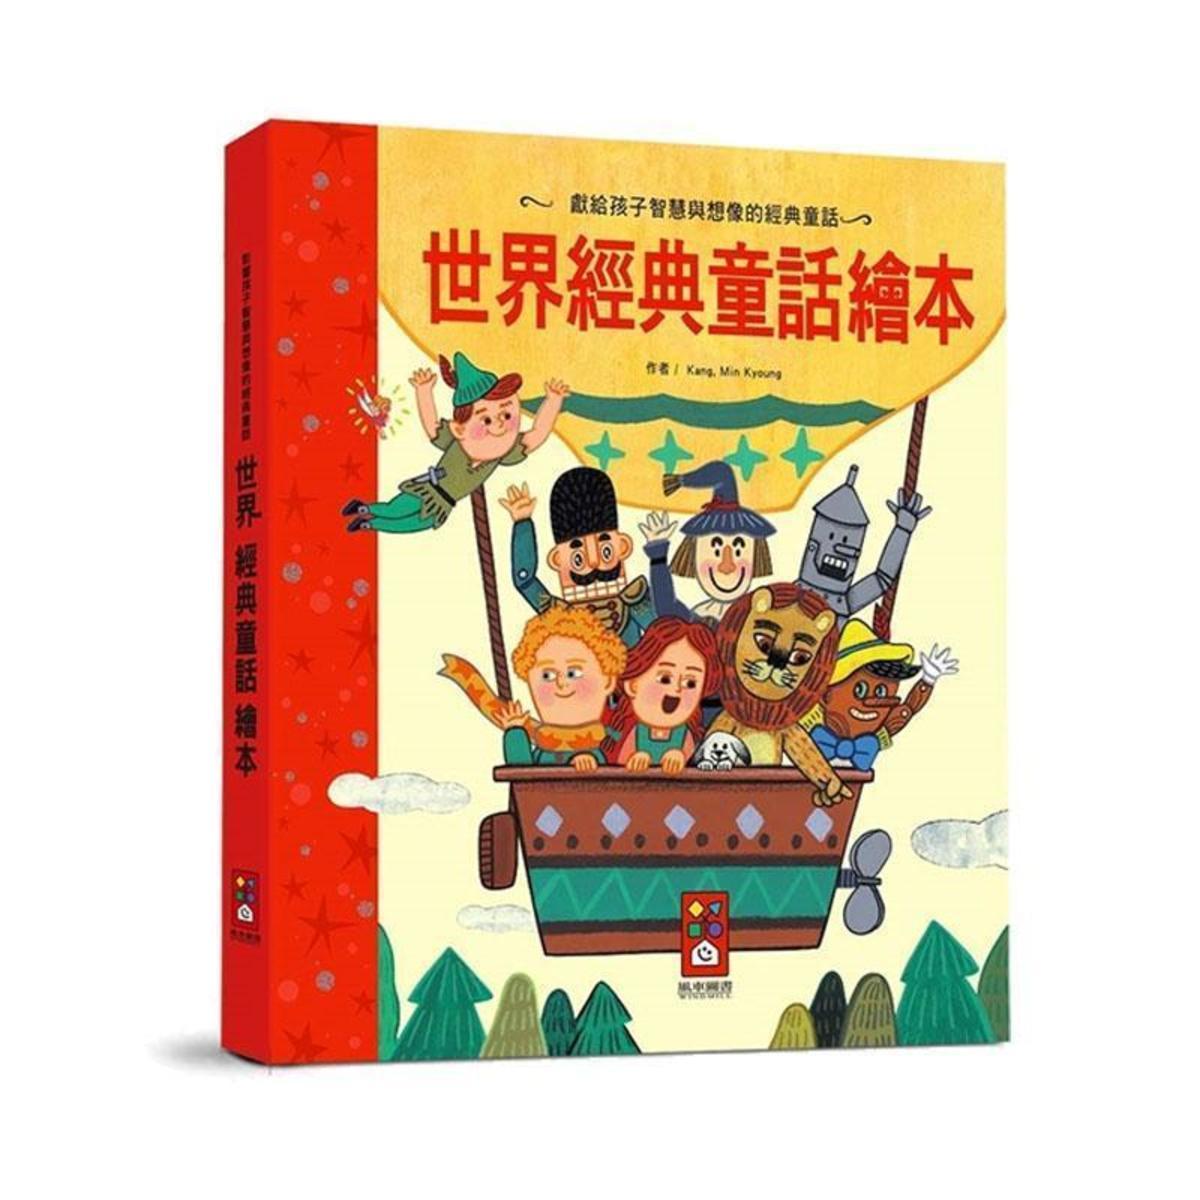 世界經典童話繪本-世界經典故事系列 台灣進口